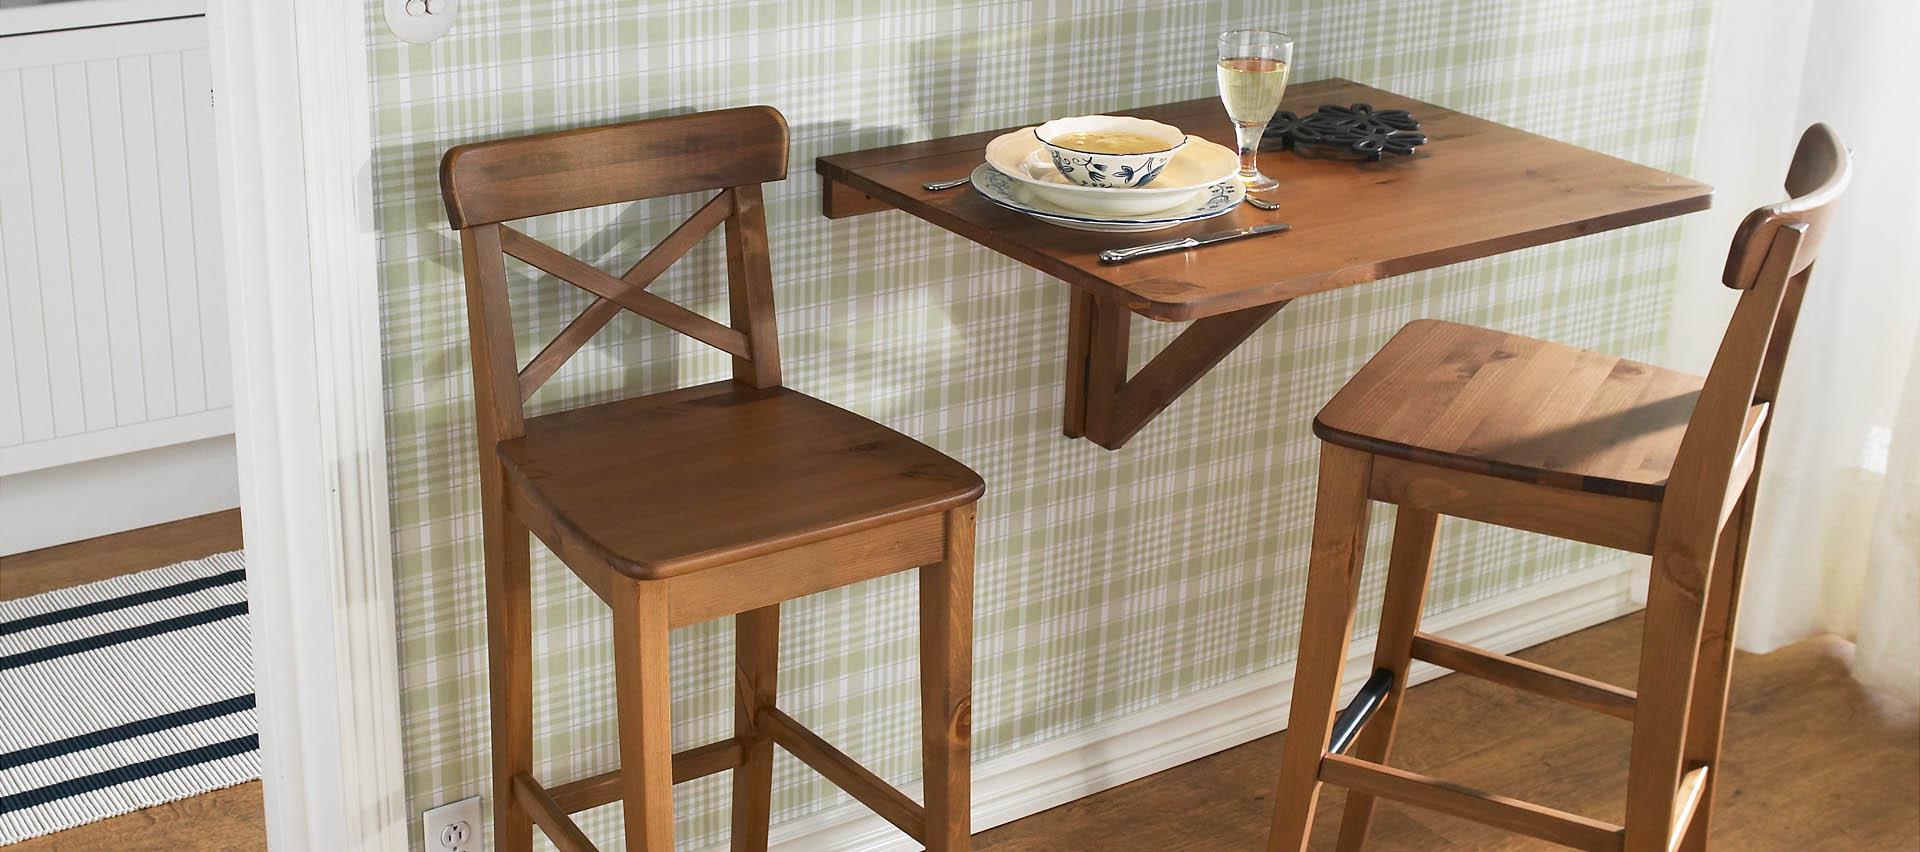 Taburete Stig.Taburete De Bar Ikea 27 Fotos Barra De Madera Y Opciones